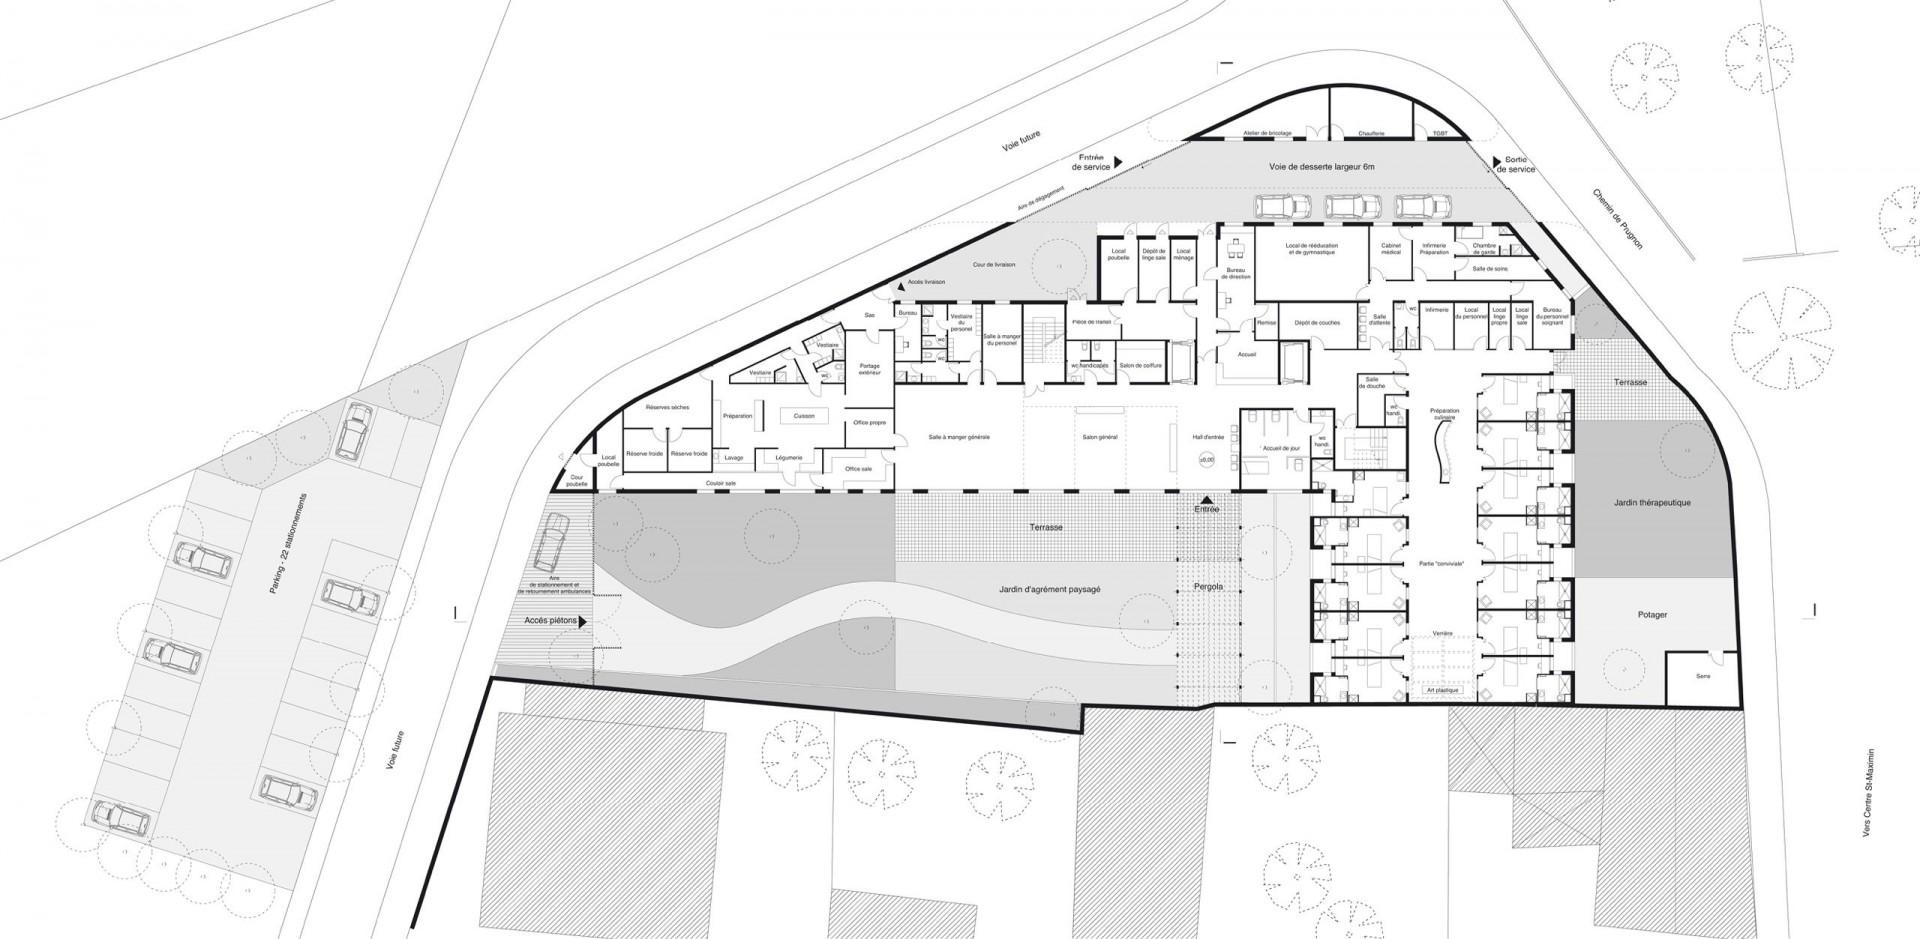 Maison de retraite phase concours phase esquisse equipe adrien champsaur architecture associé j l perez mandataire maitrise douvrage cg 83 var dev